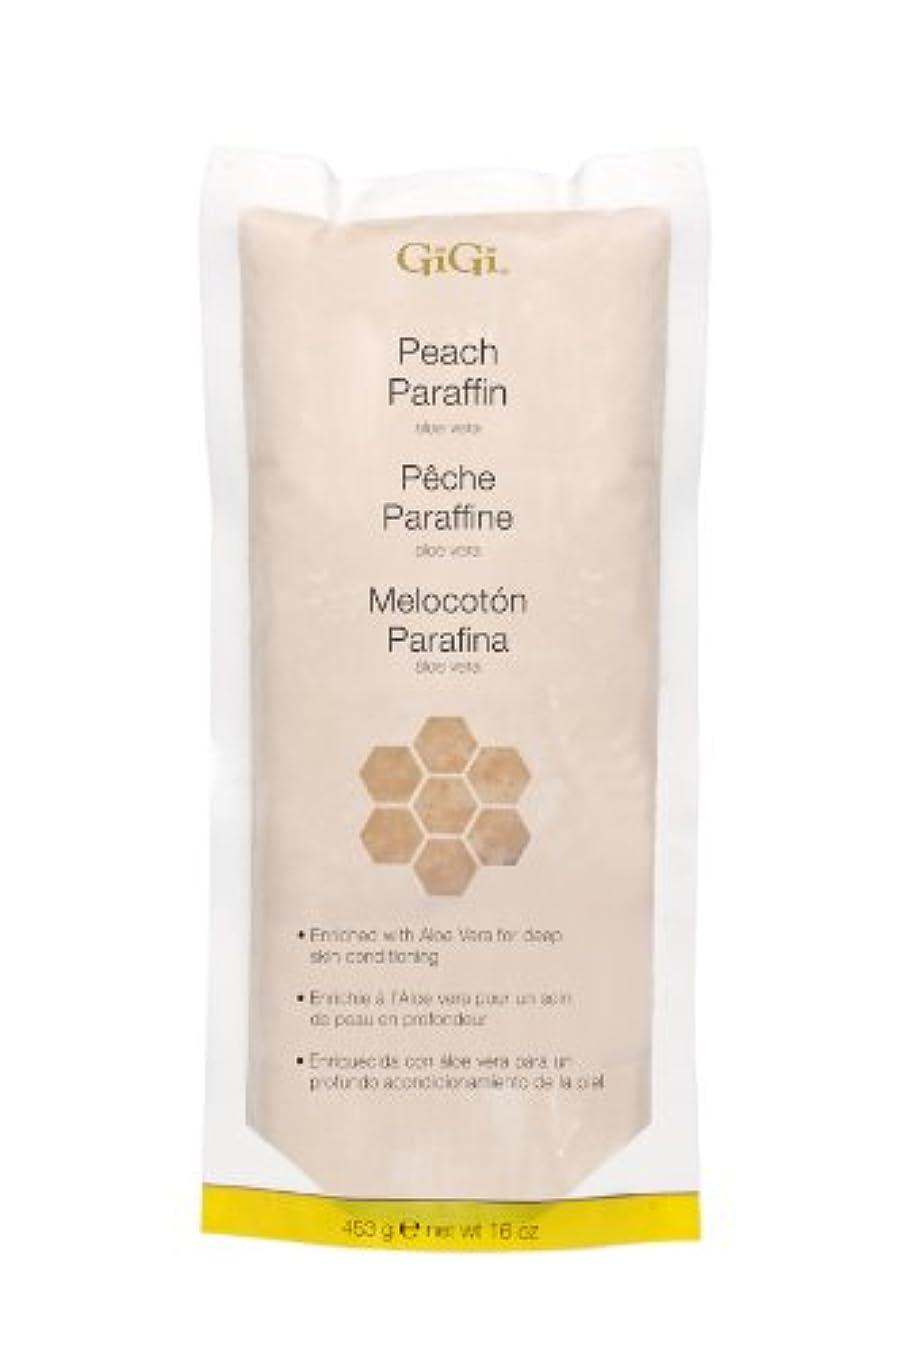 価格バリケード物足りないGiGi Peach Paraffin Wax 453g by Gigi